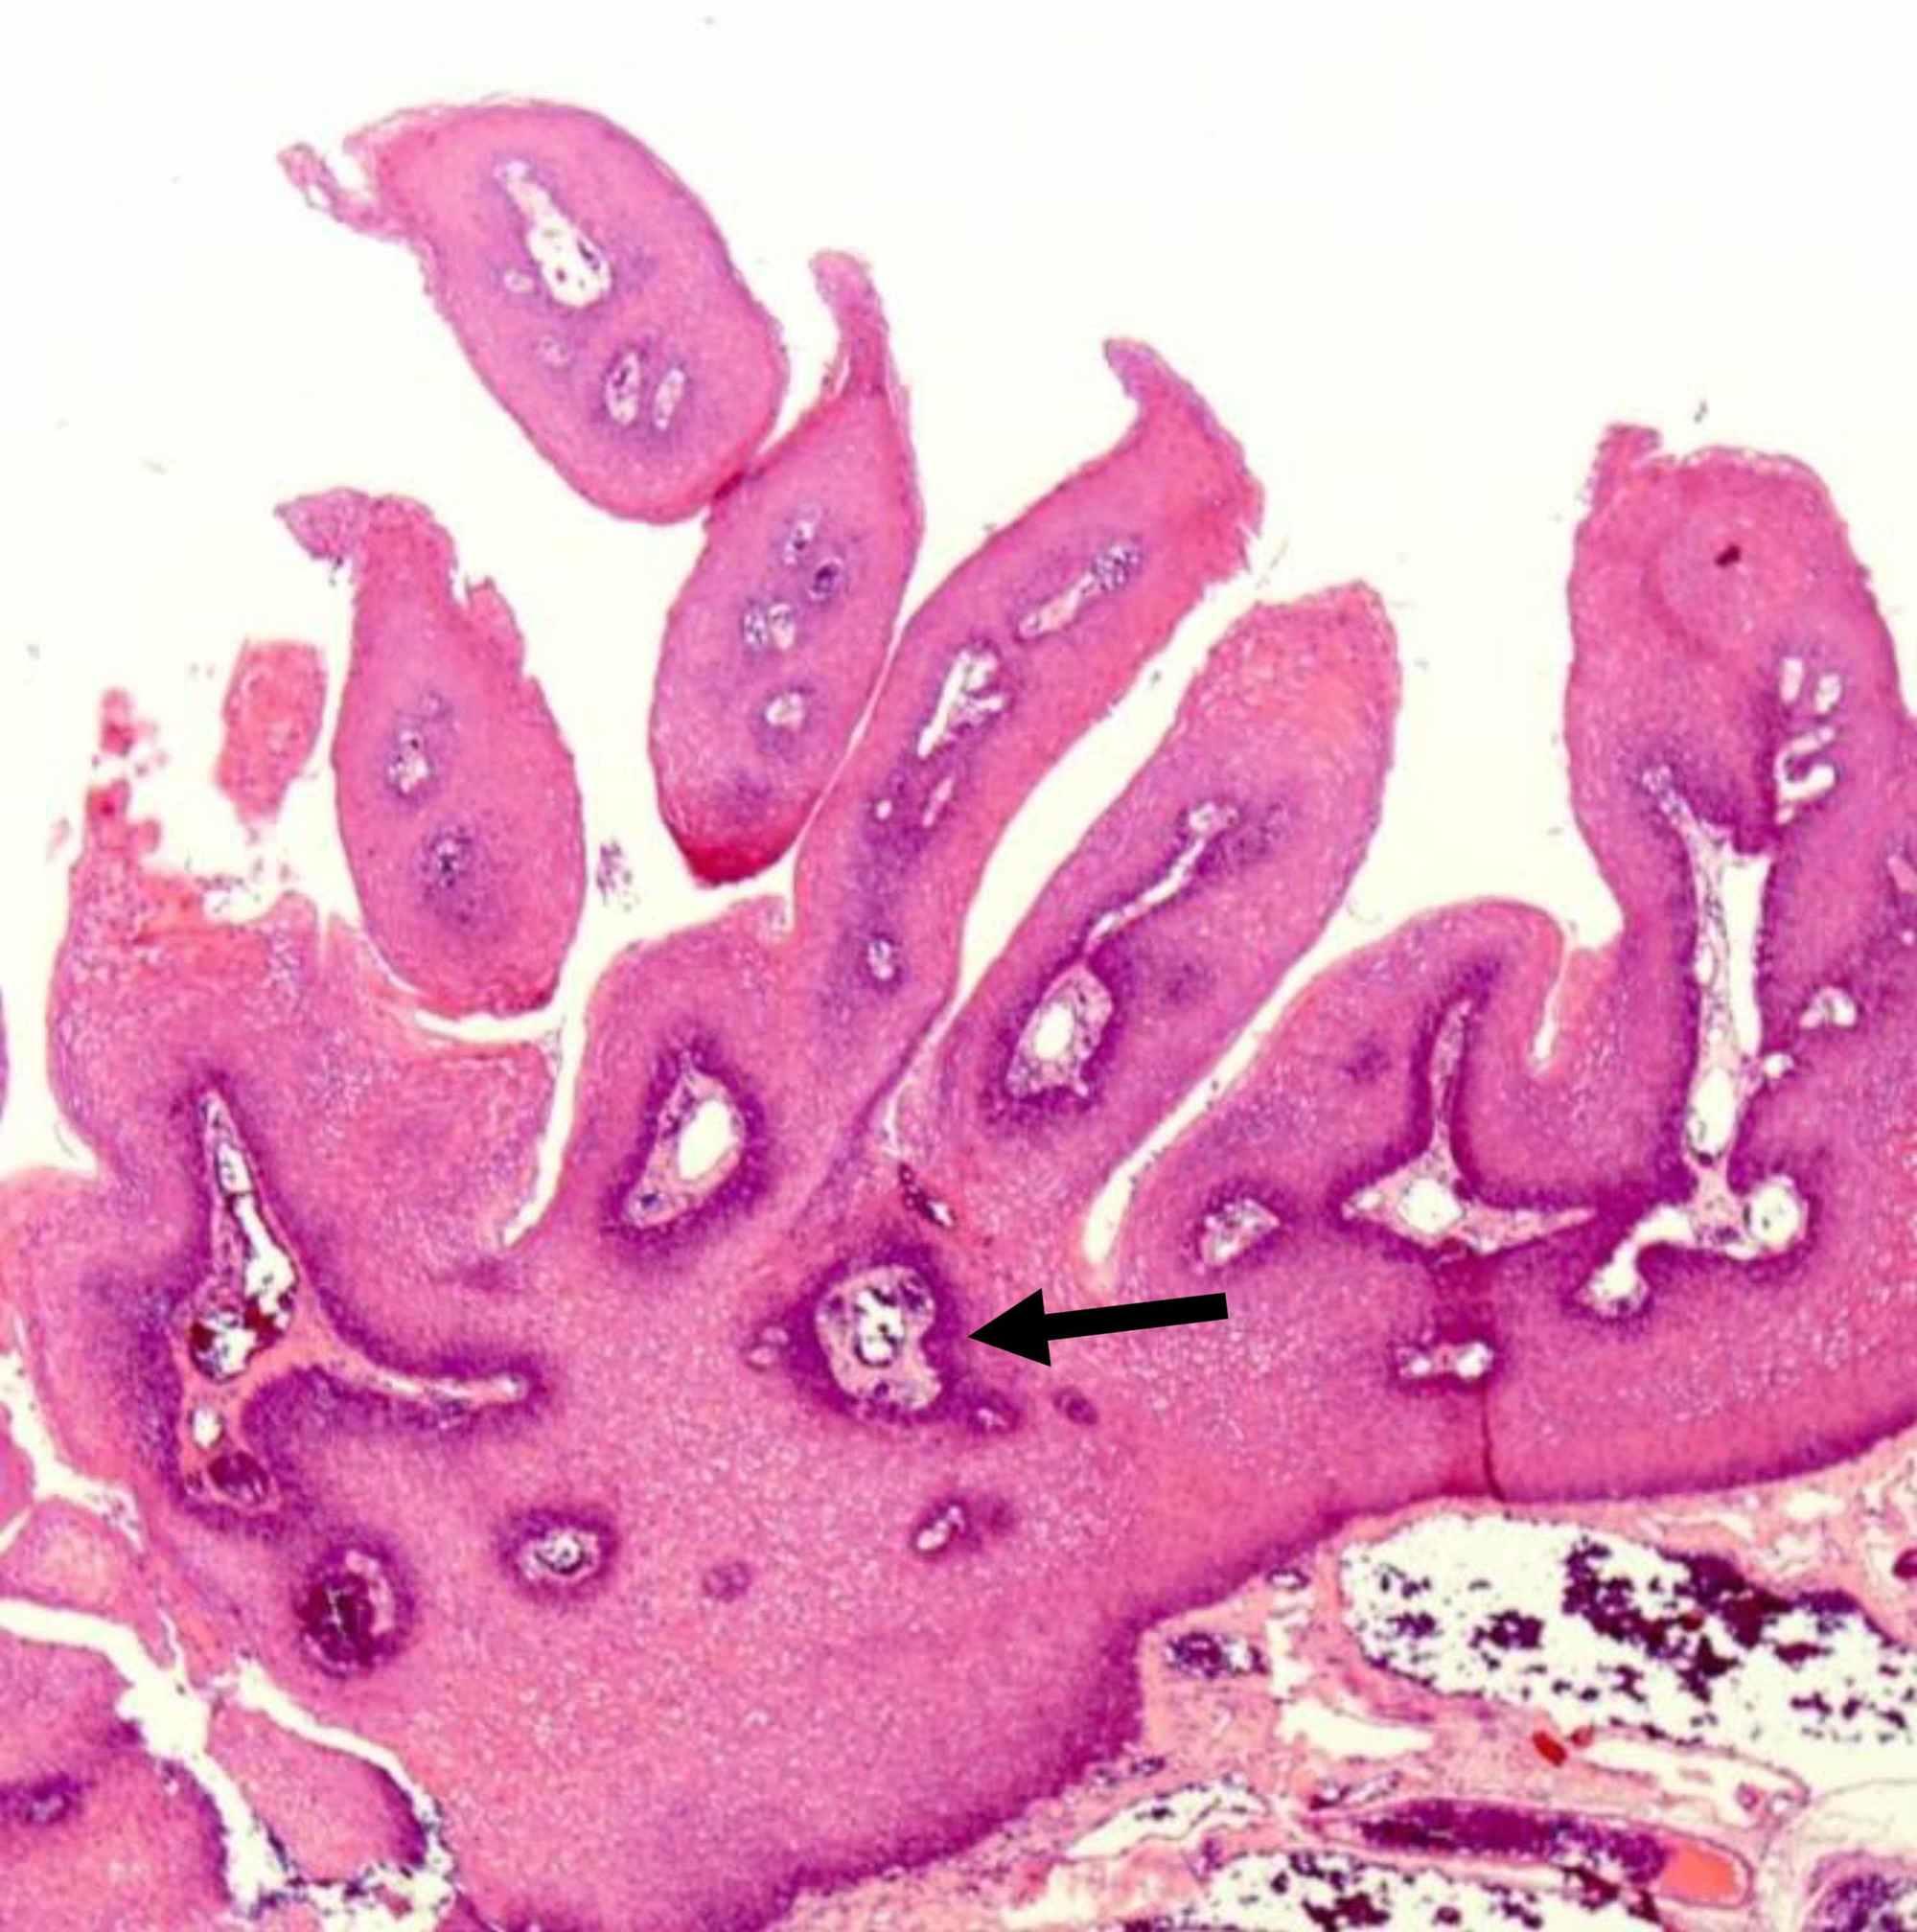 papilloma squamous epithelium definition)